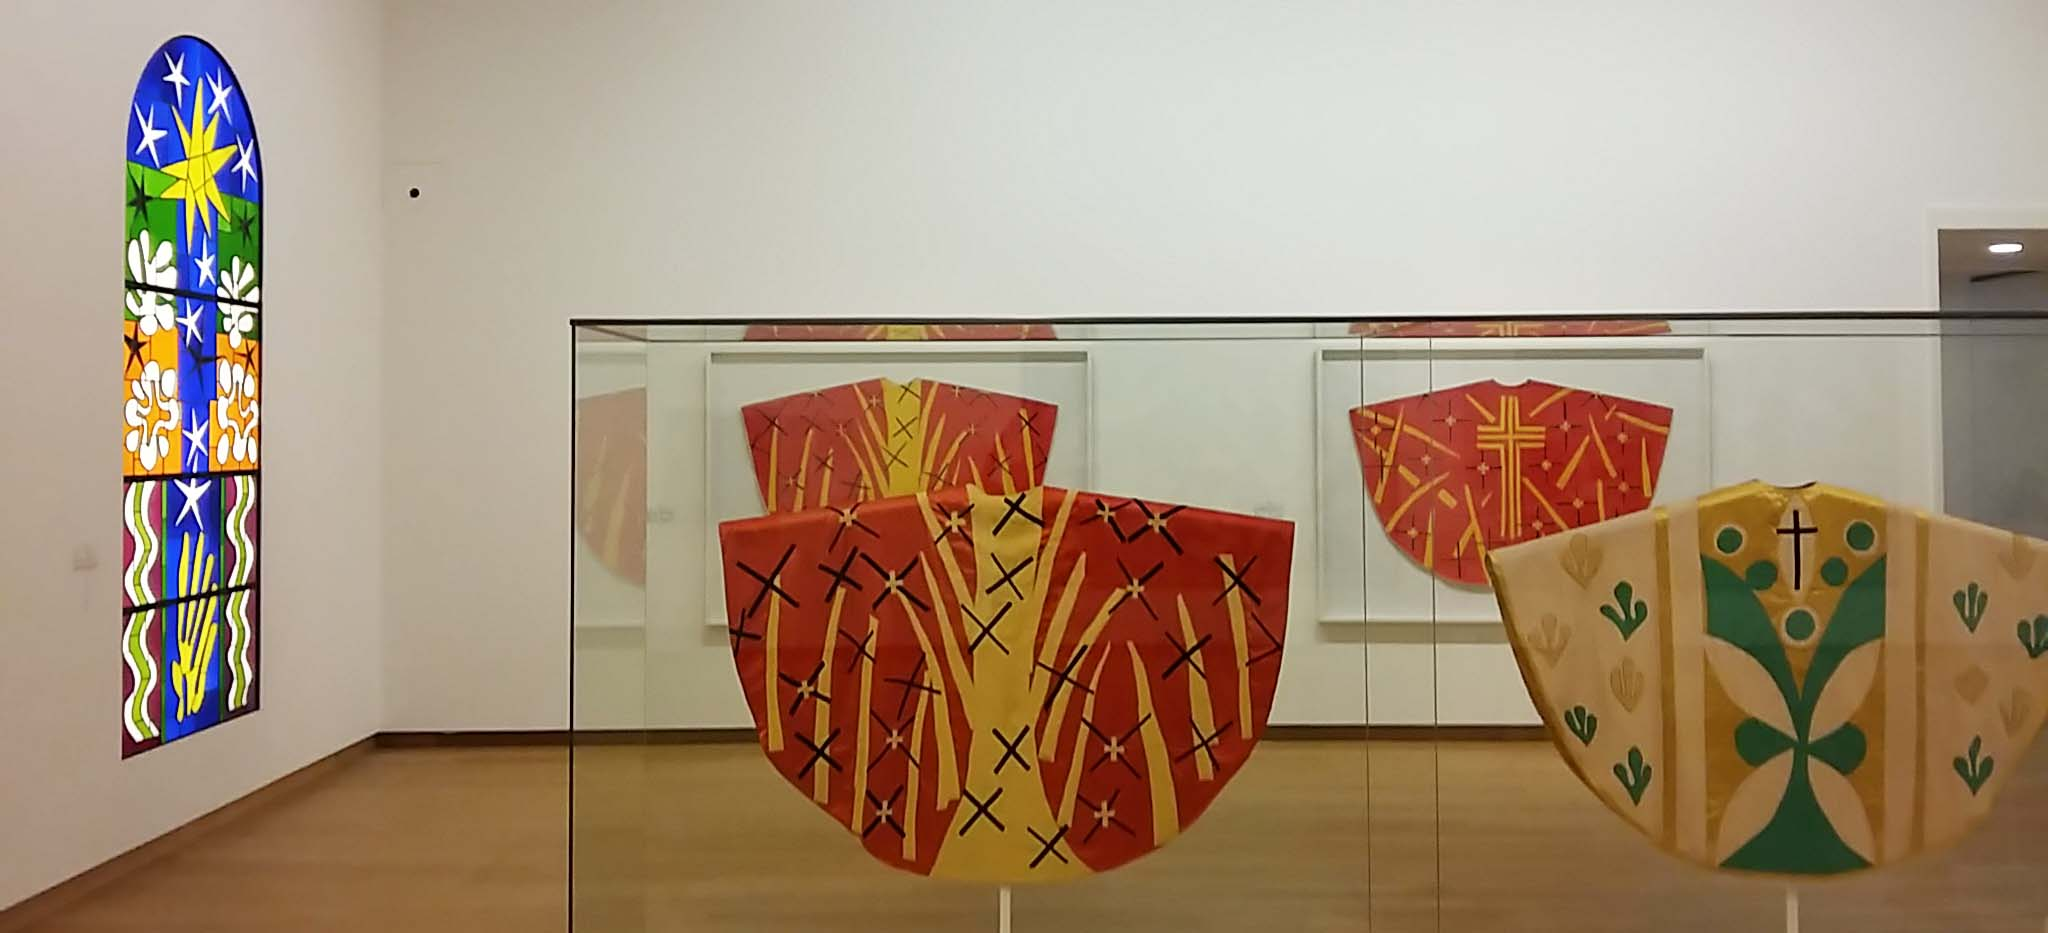 Verwonderlijk Maak kennis met Henri Matisse - Wilma Takes a Break SU-77